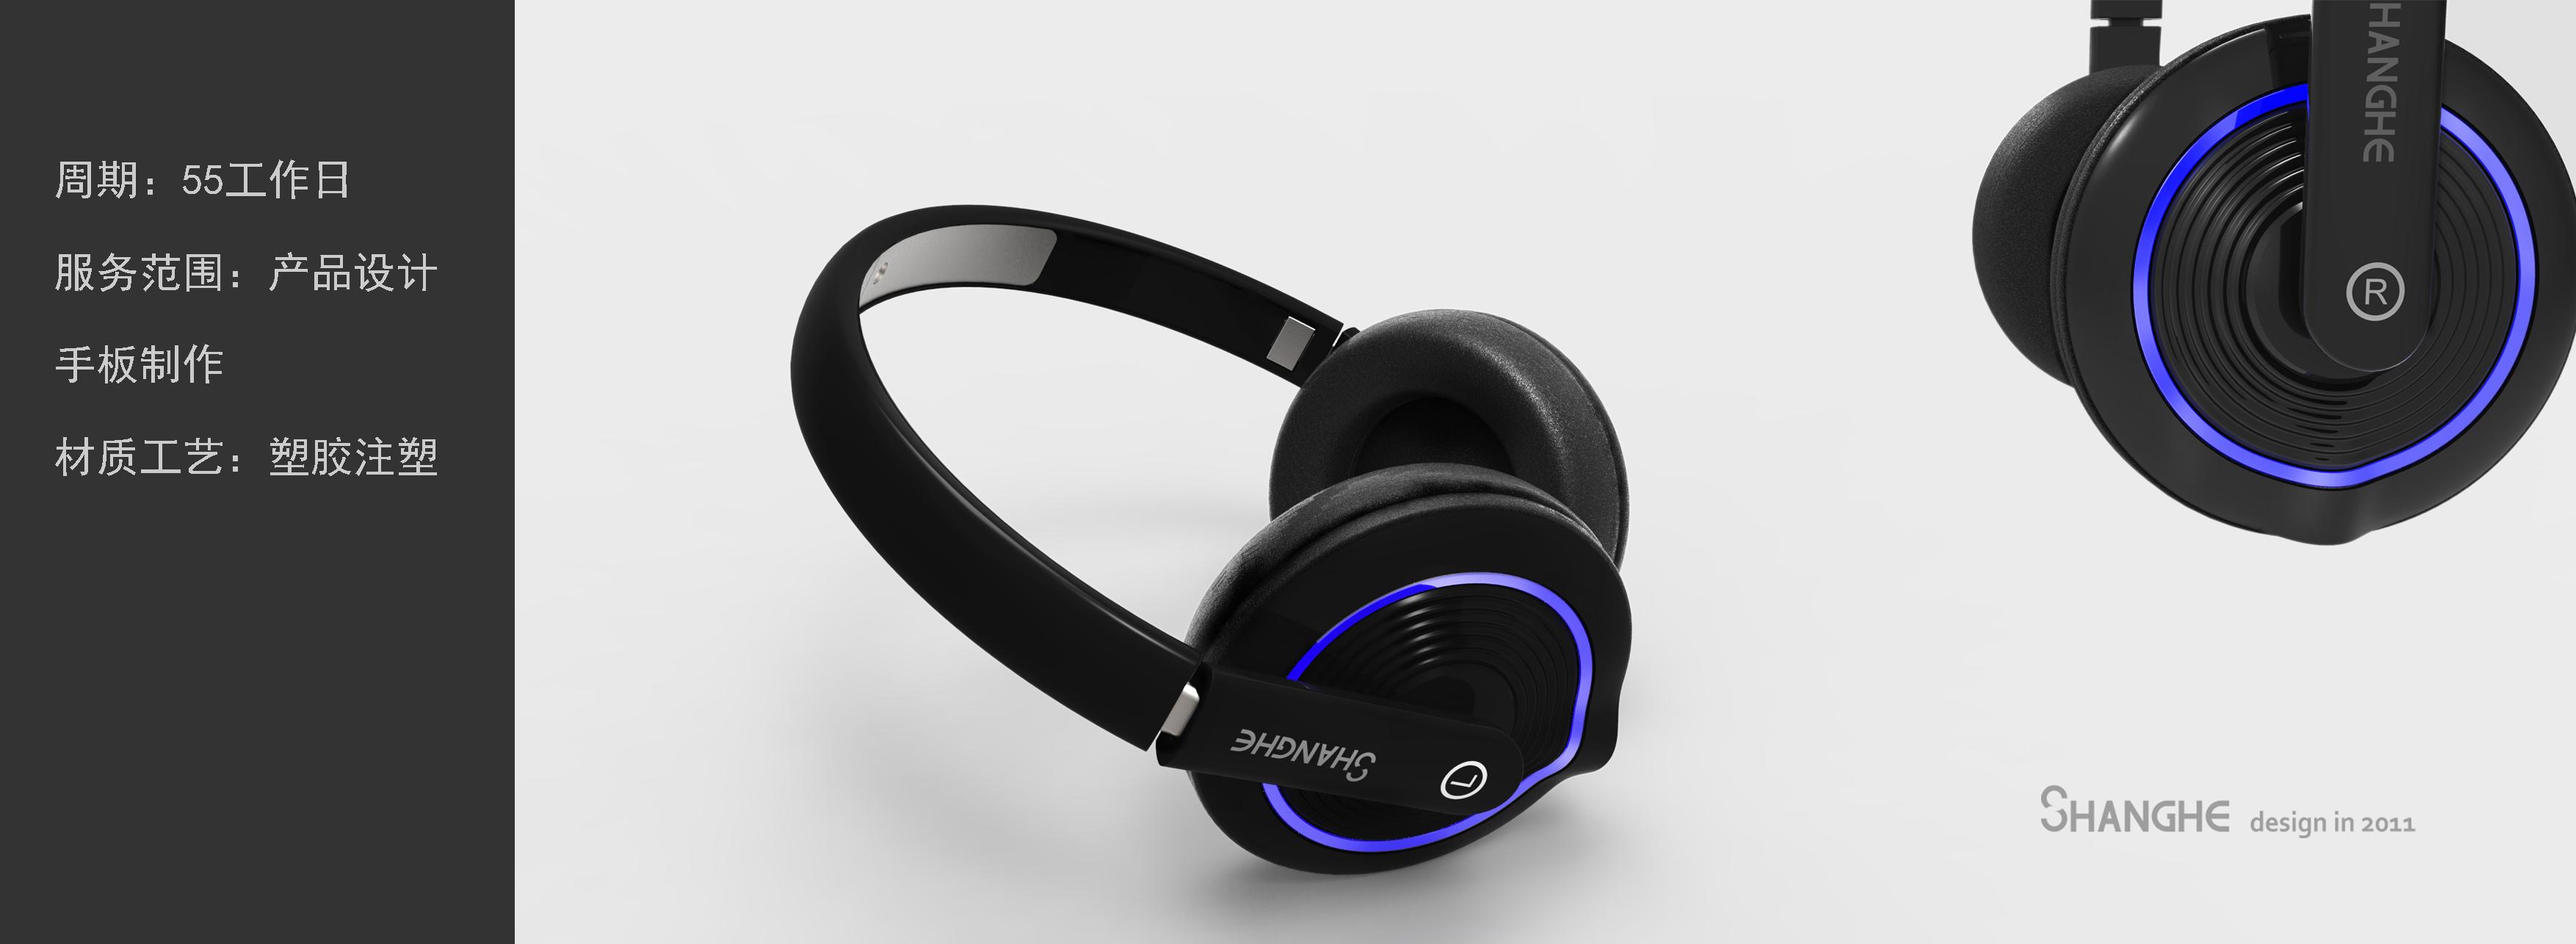 时尚耳机产品设计图片